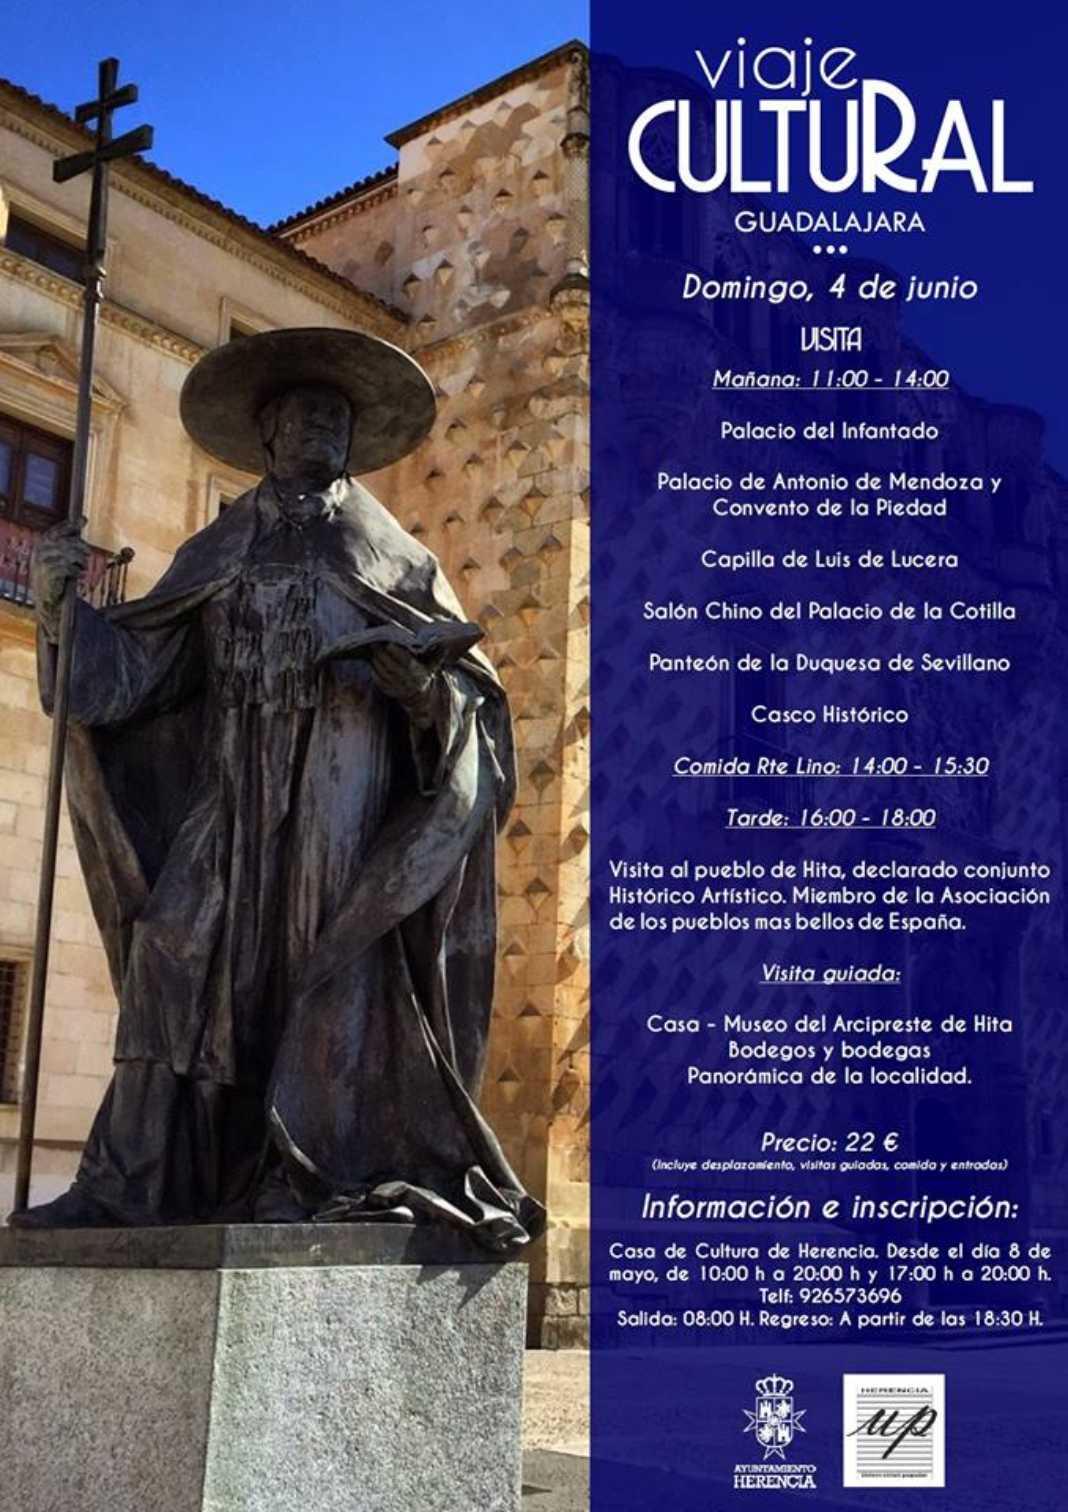 El Ayuntamiento organiza un Viaje Cultural a Guadalajara. 2